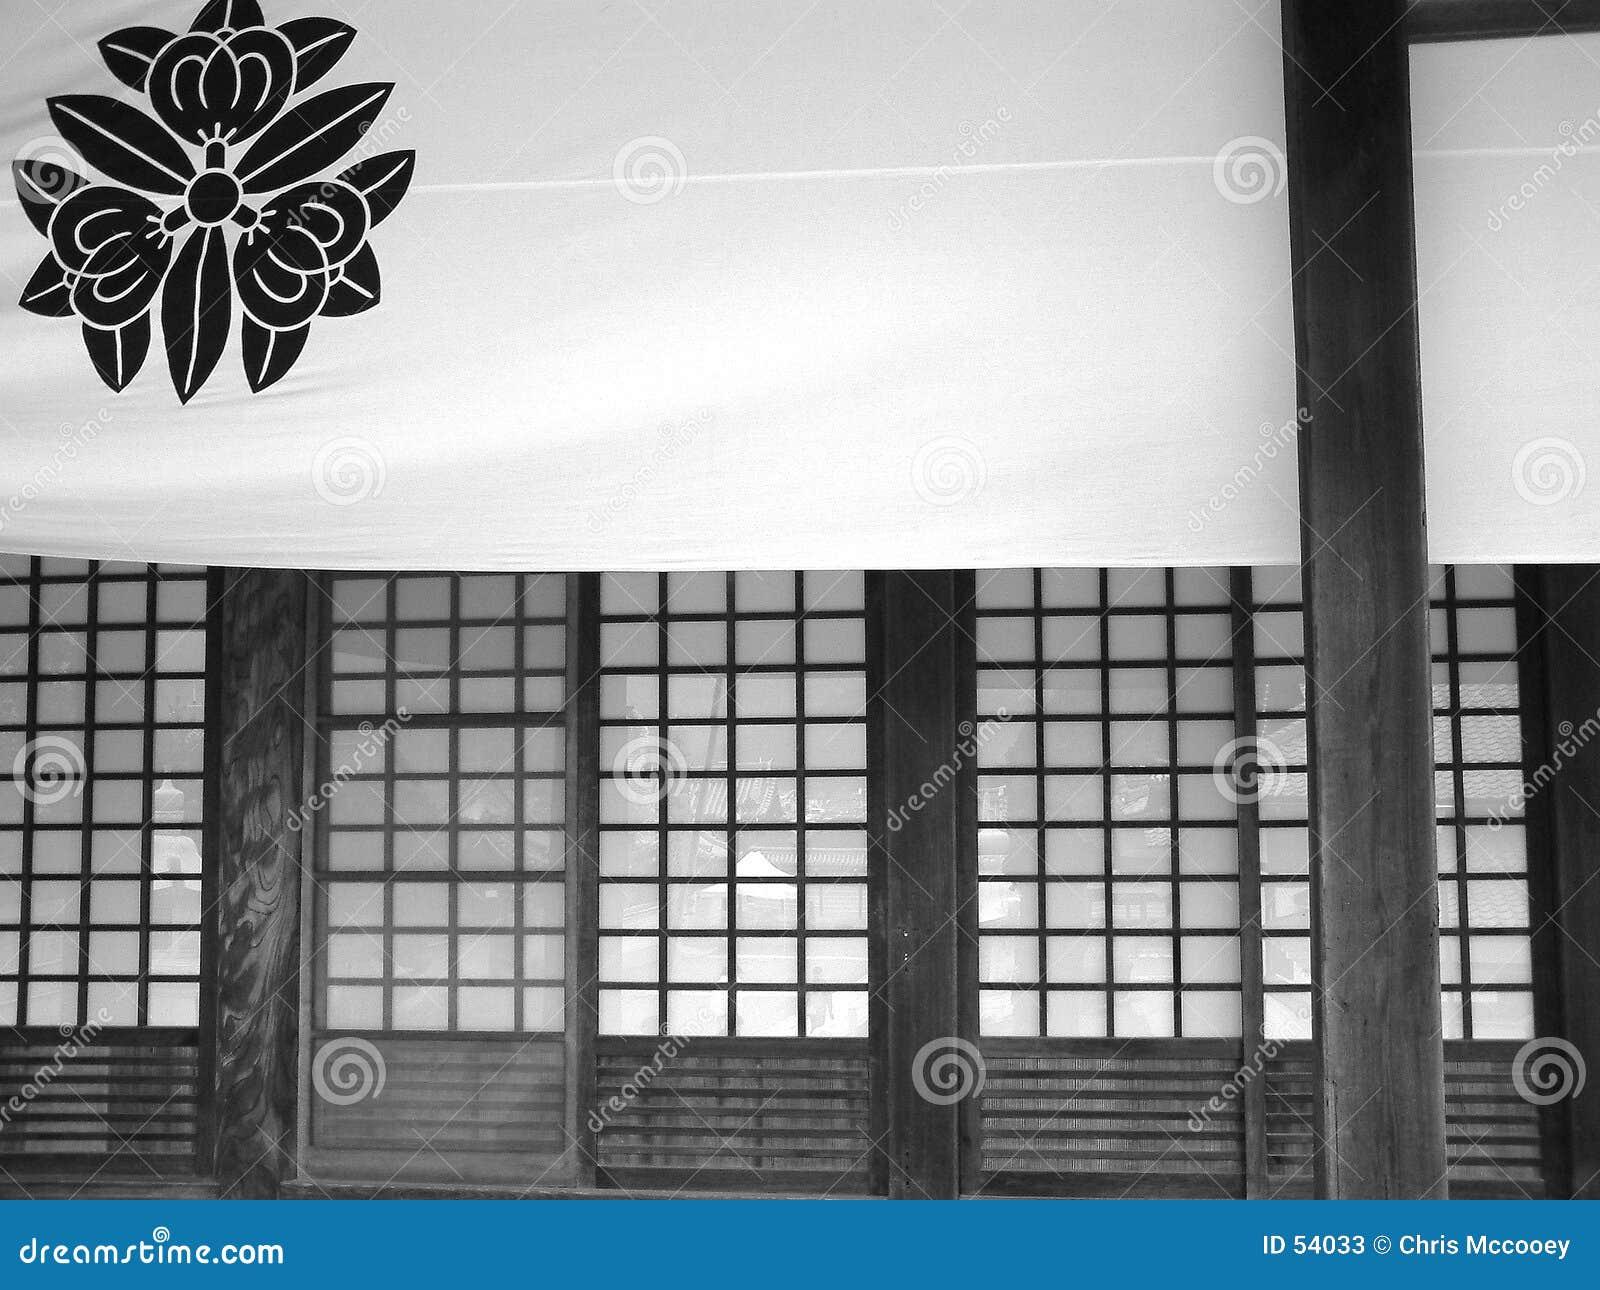 De decoratie van de tempel.